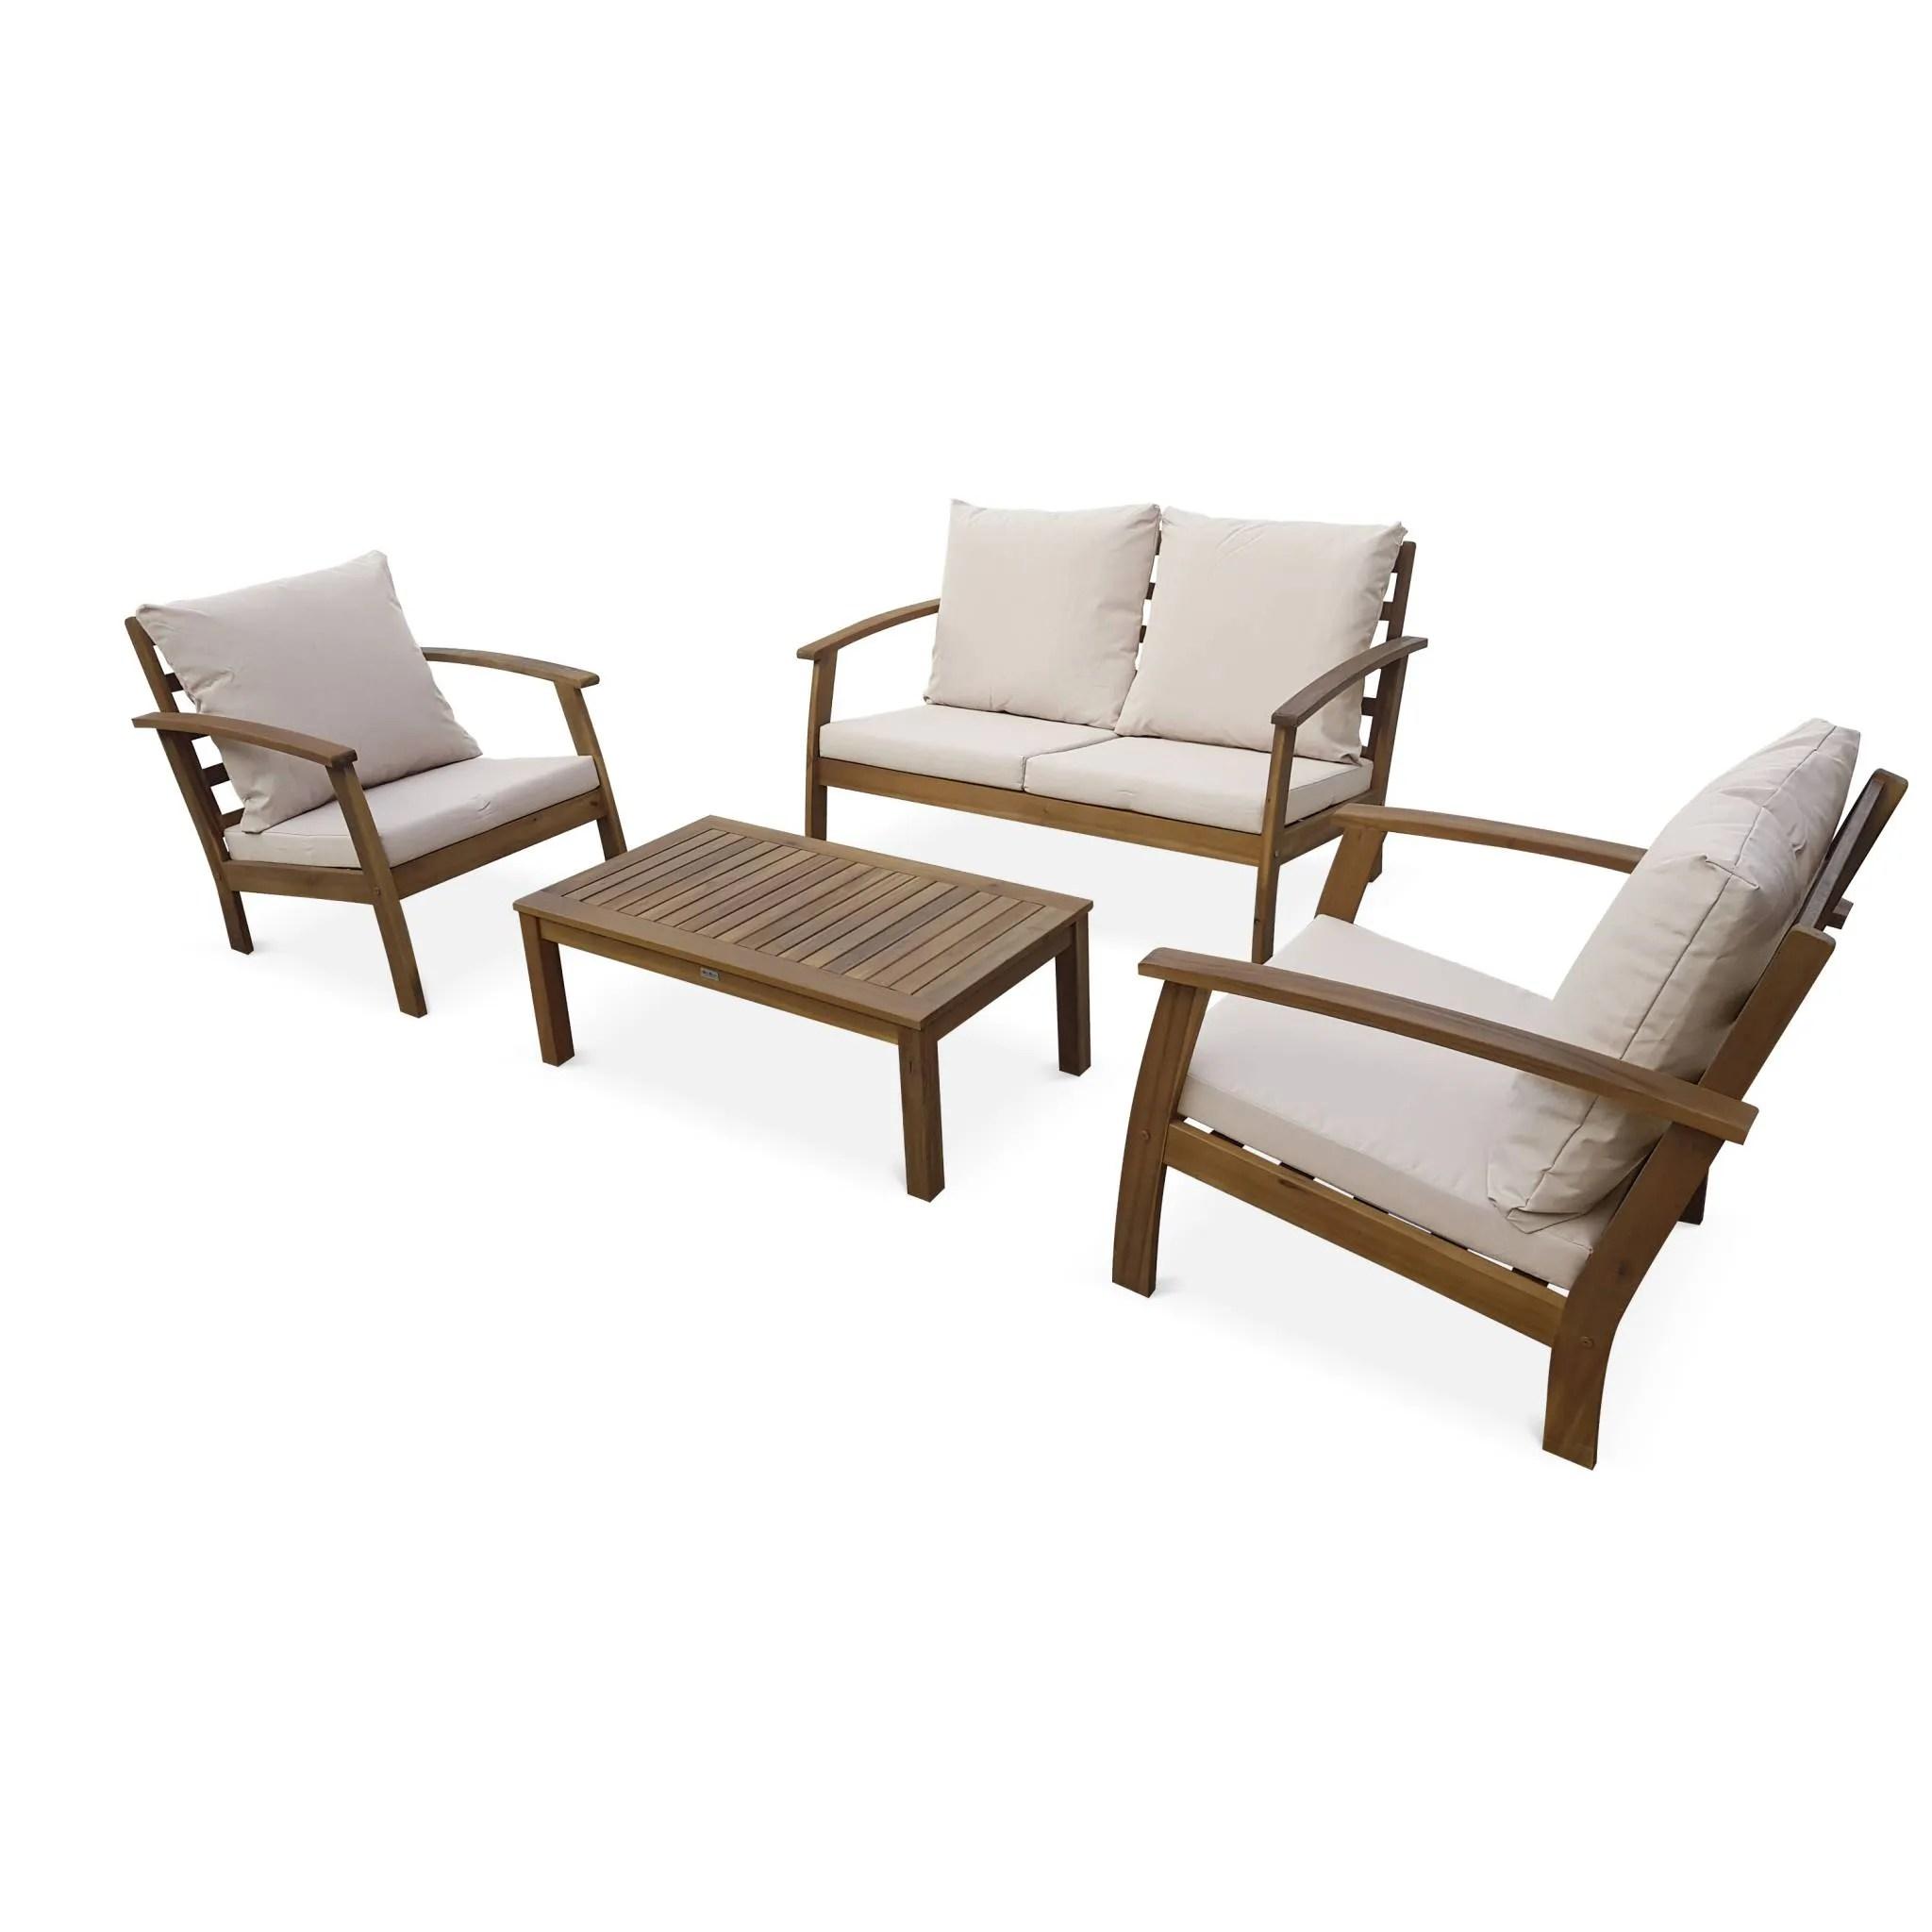 salon de jardin en bois 4 places